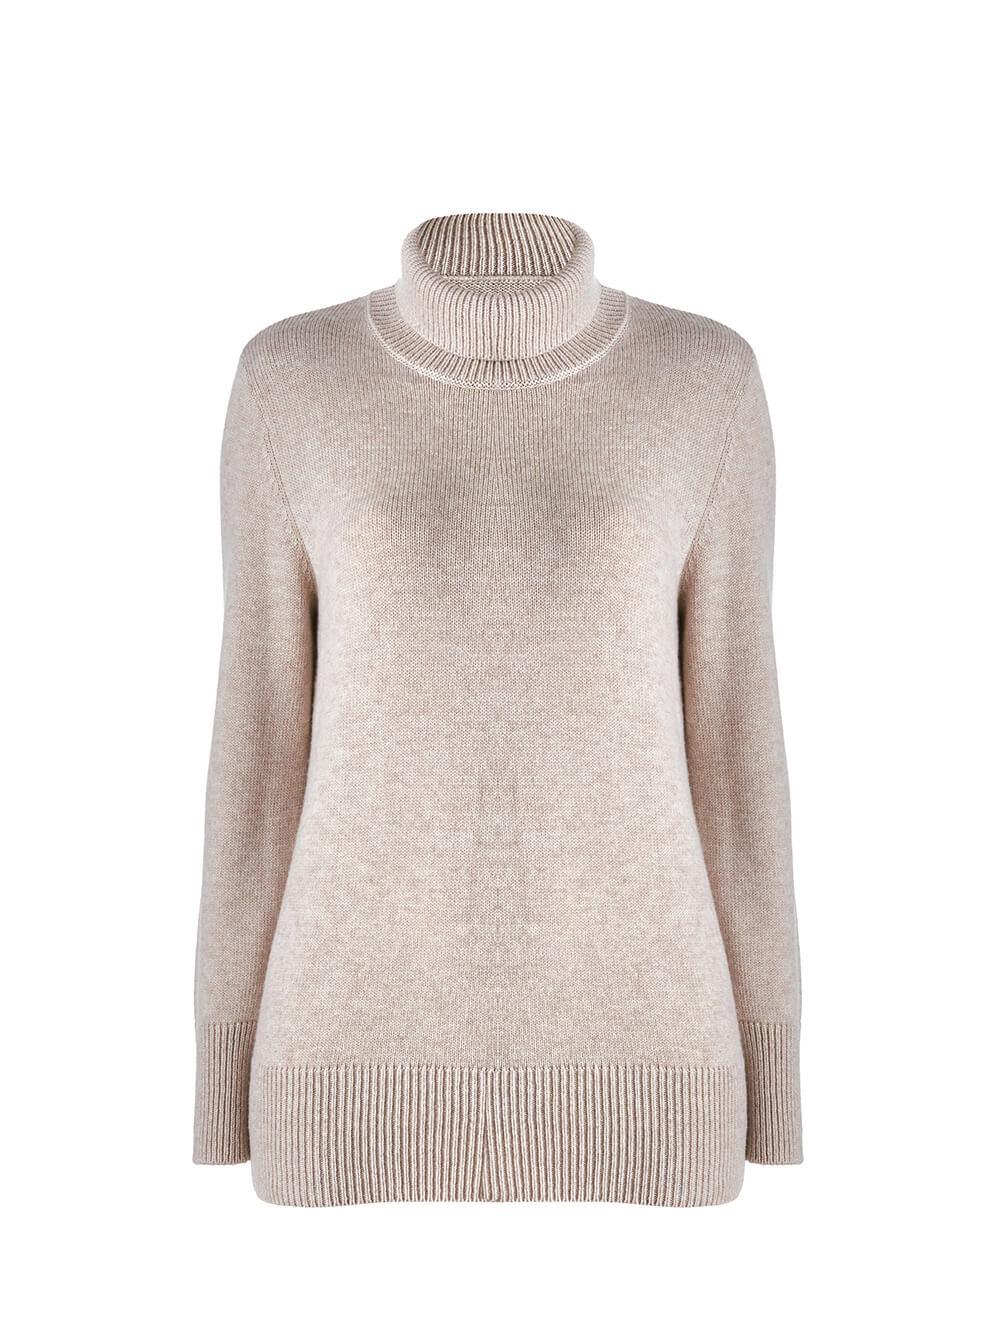 Женский свитер бежевого цвета из шерсти и кашемира - фото 1